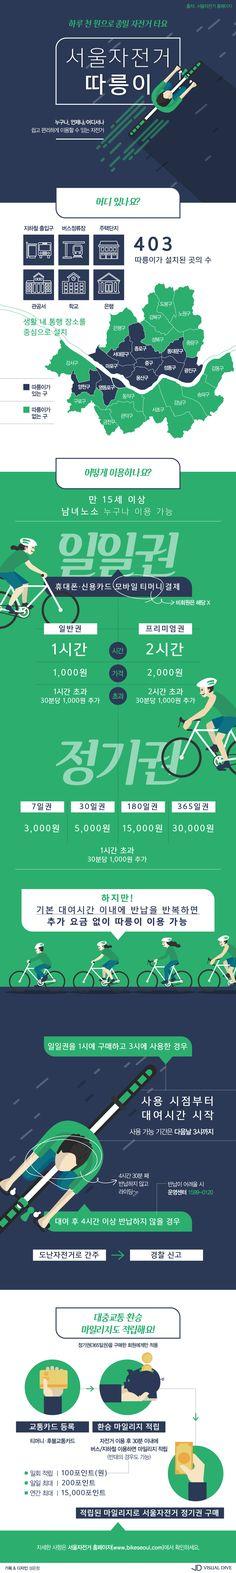 """""""따르릉~비켜나세요."""" 하루 천 원으로 즐기는 서울자전거 [인포그래픽] #bikeseoul / #Infographic ⓒ 비주얼다이브 무단 복사·전재·재배포 금지"""